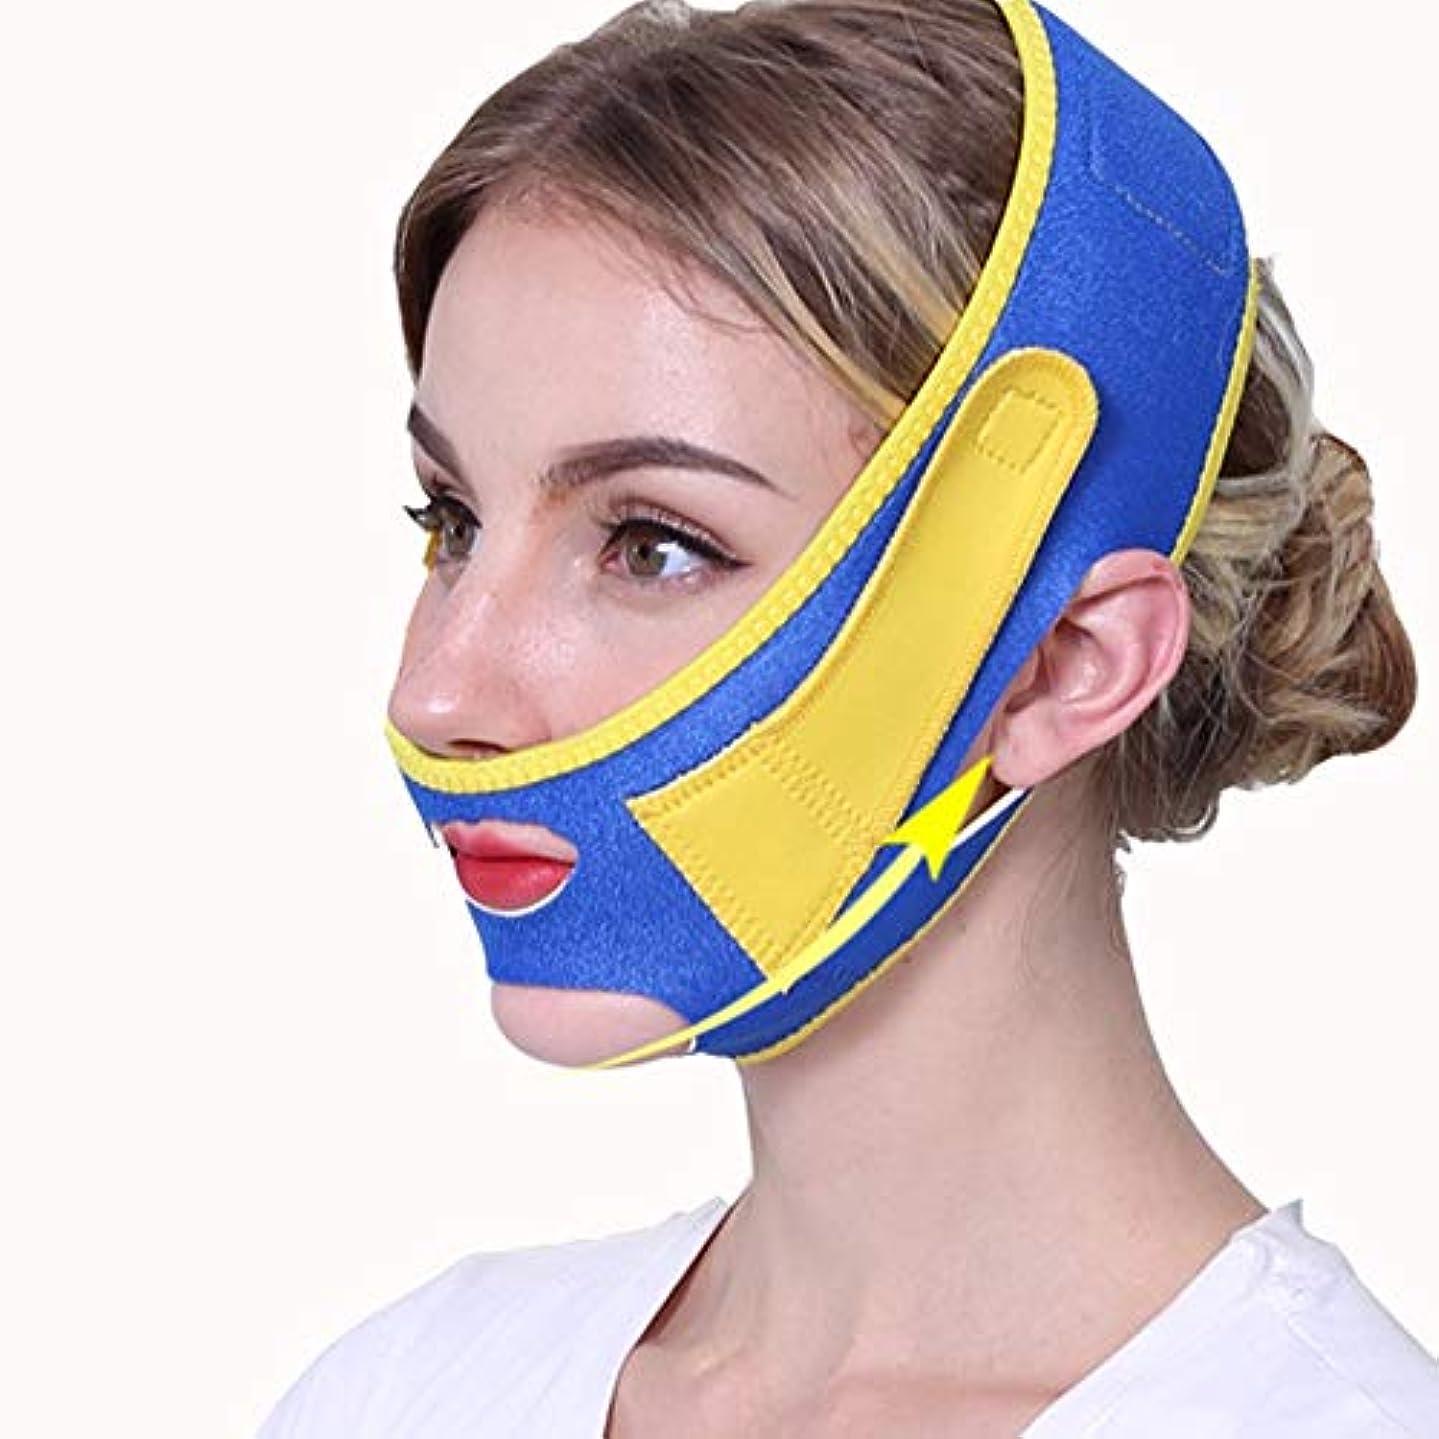 下線下品ピービッシュフェイシャルリフティング痩身ベルトフェイス包帯マスク整形マスクフェイスベルトを引き締める薄型フェイス包帯整形マスクフェイスと首の顔を引き締めスリム